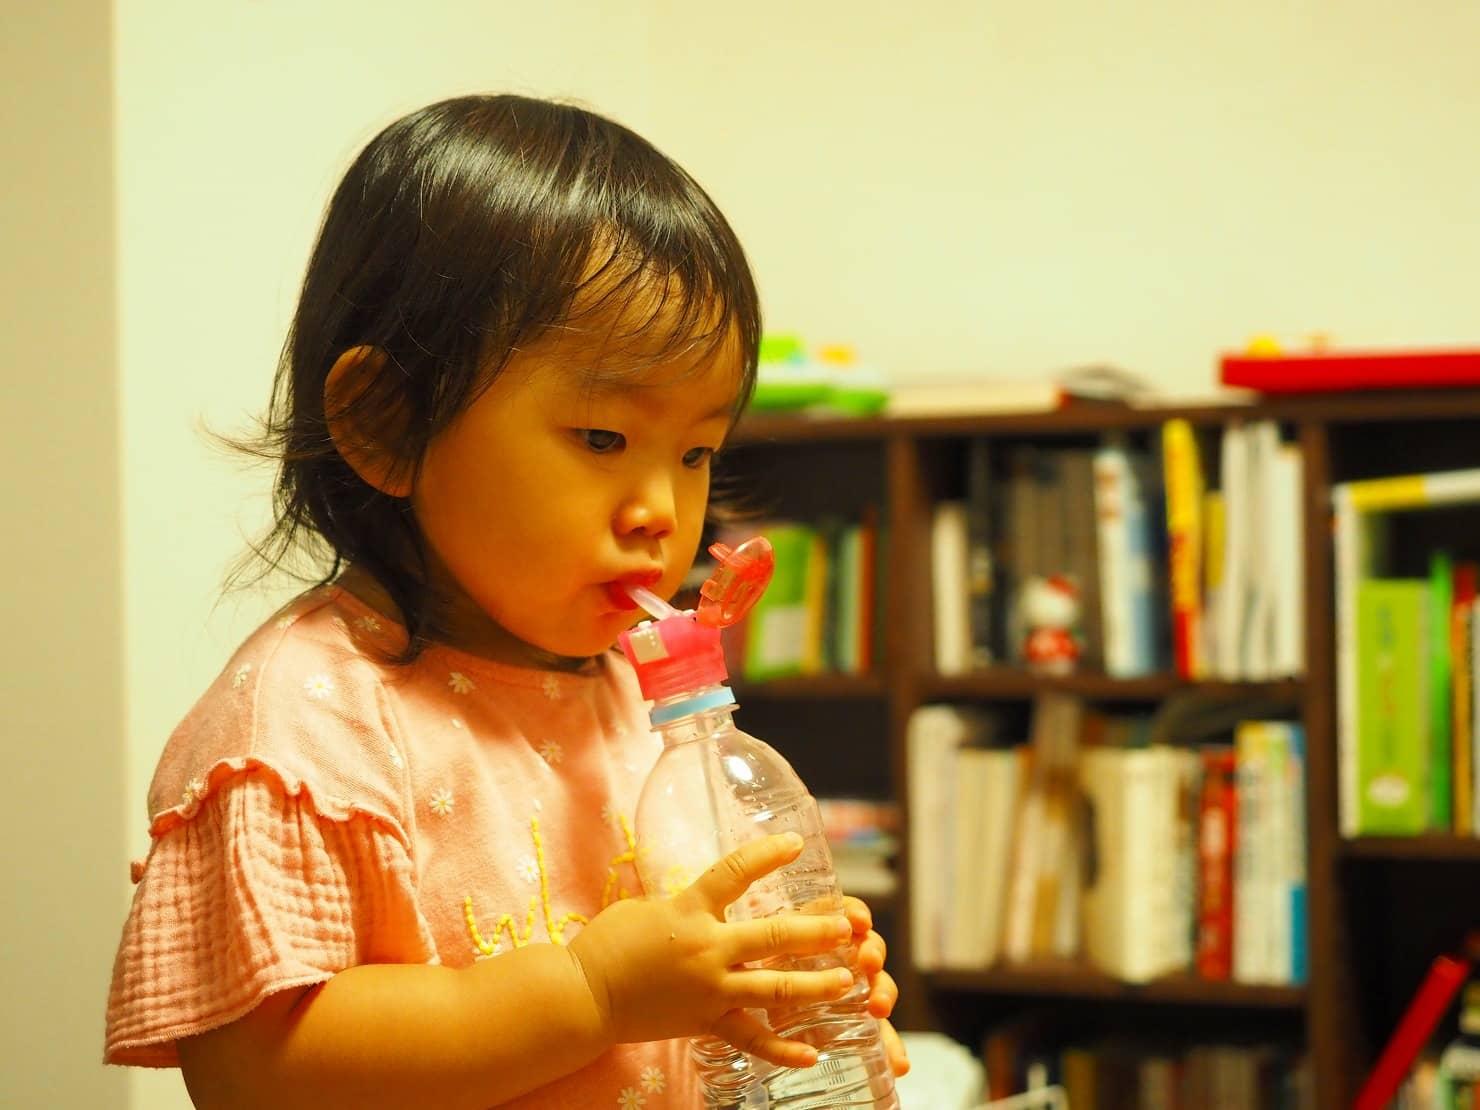 おすすめペットボトル用ストローキャップ16選! 子供用から大人向けまで